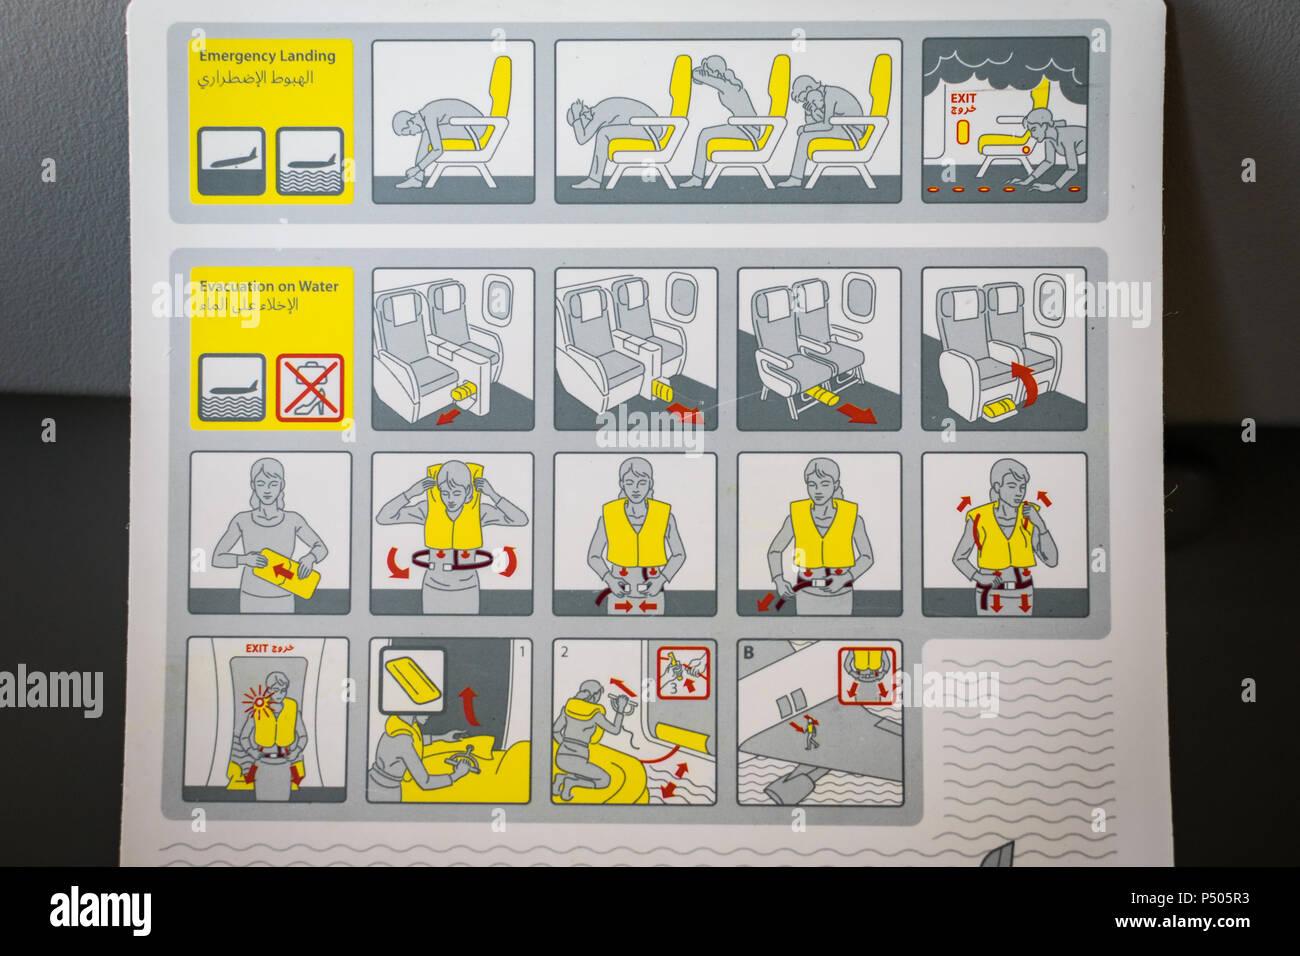 Airplane Evacuation Stock Photos Airplane Evacuation Stock Images